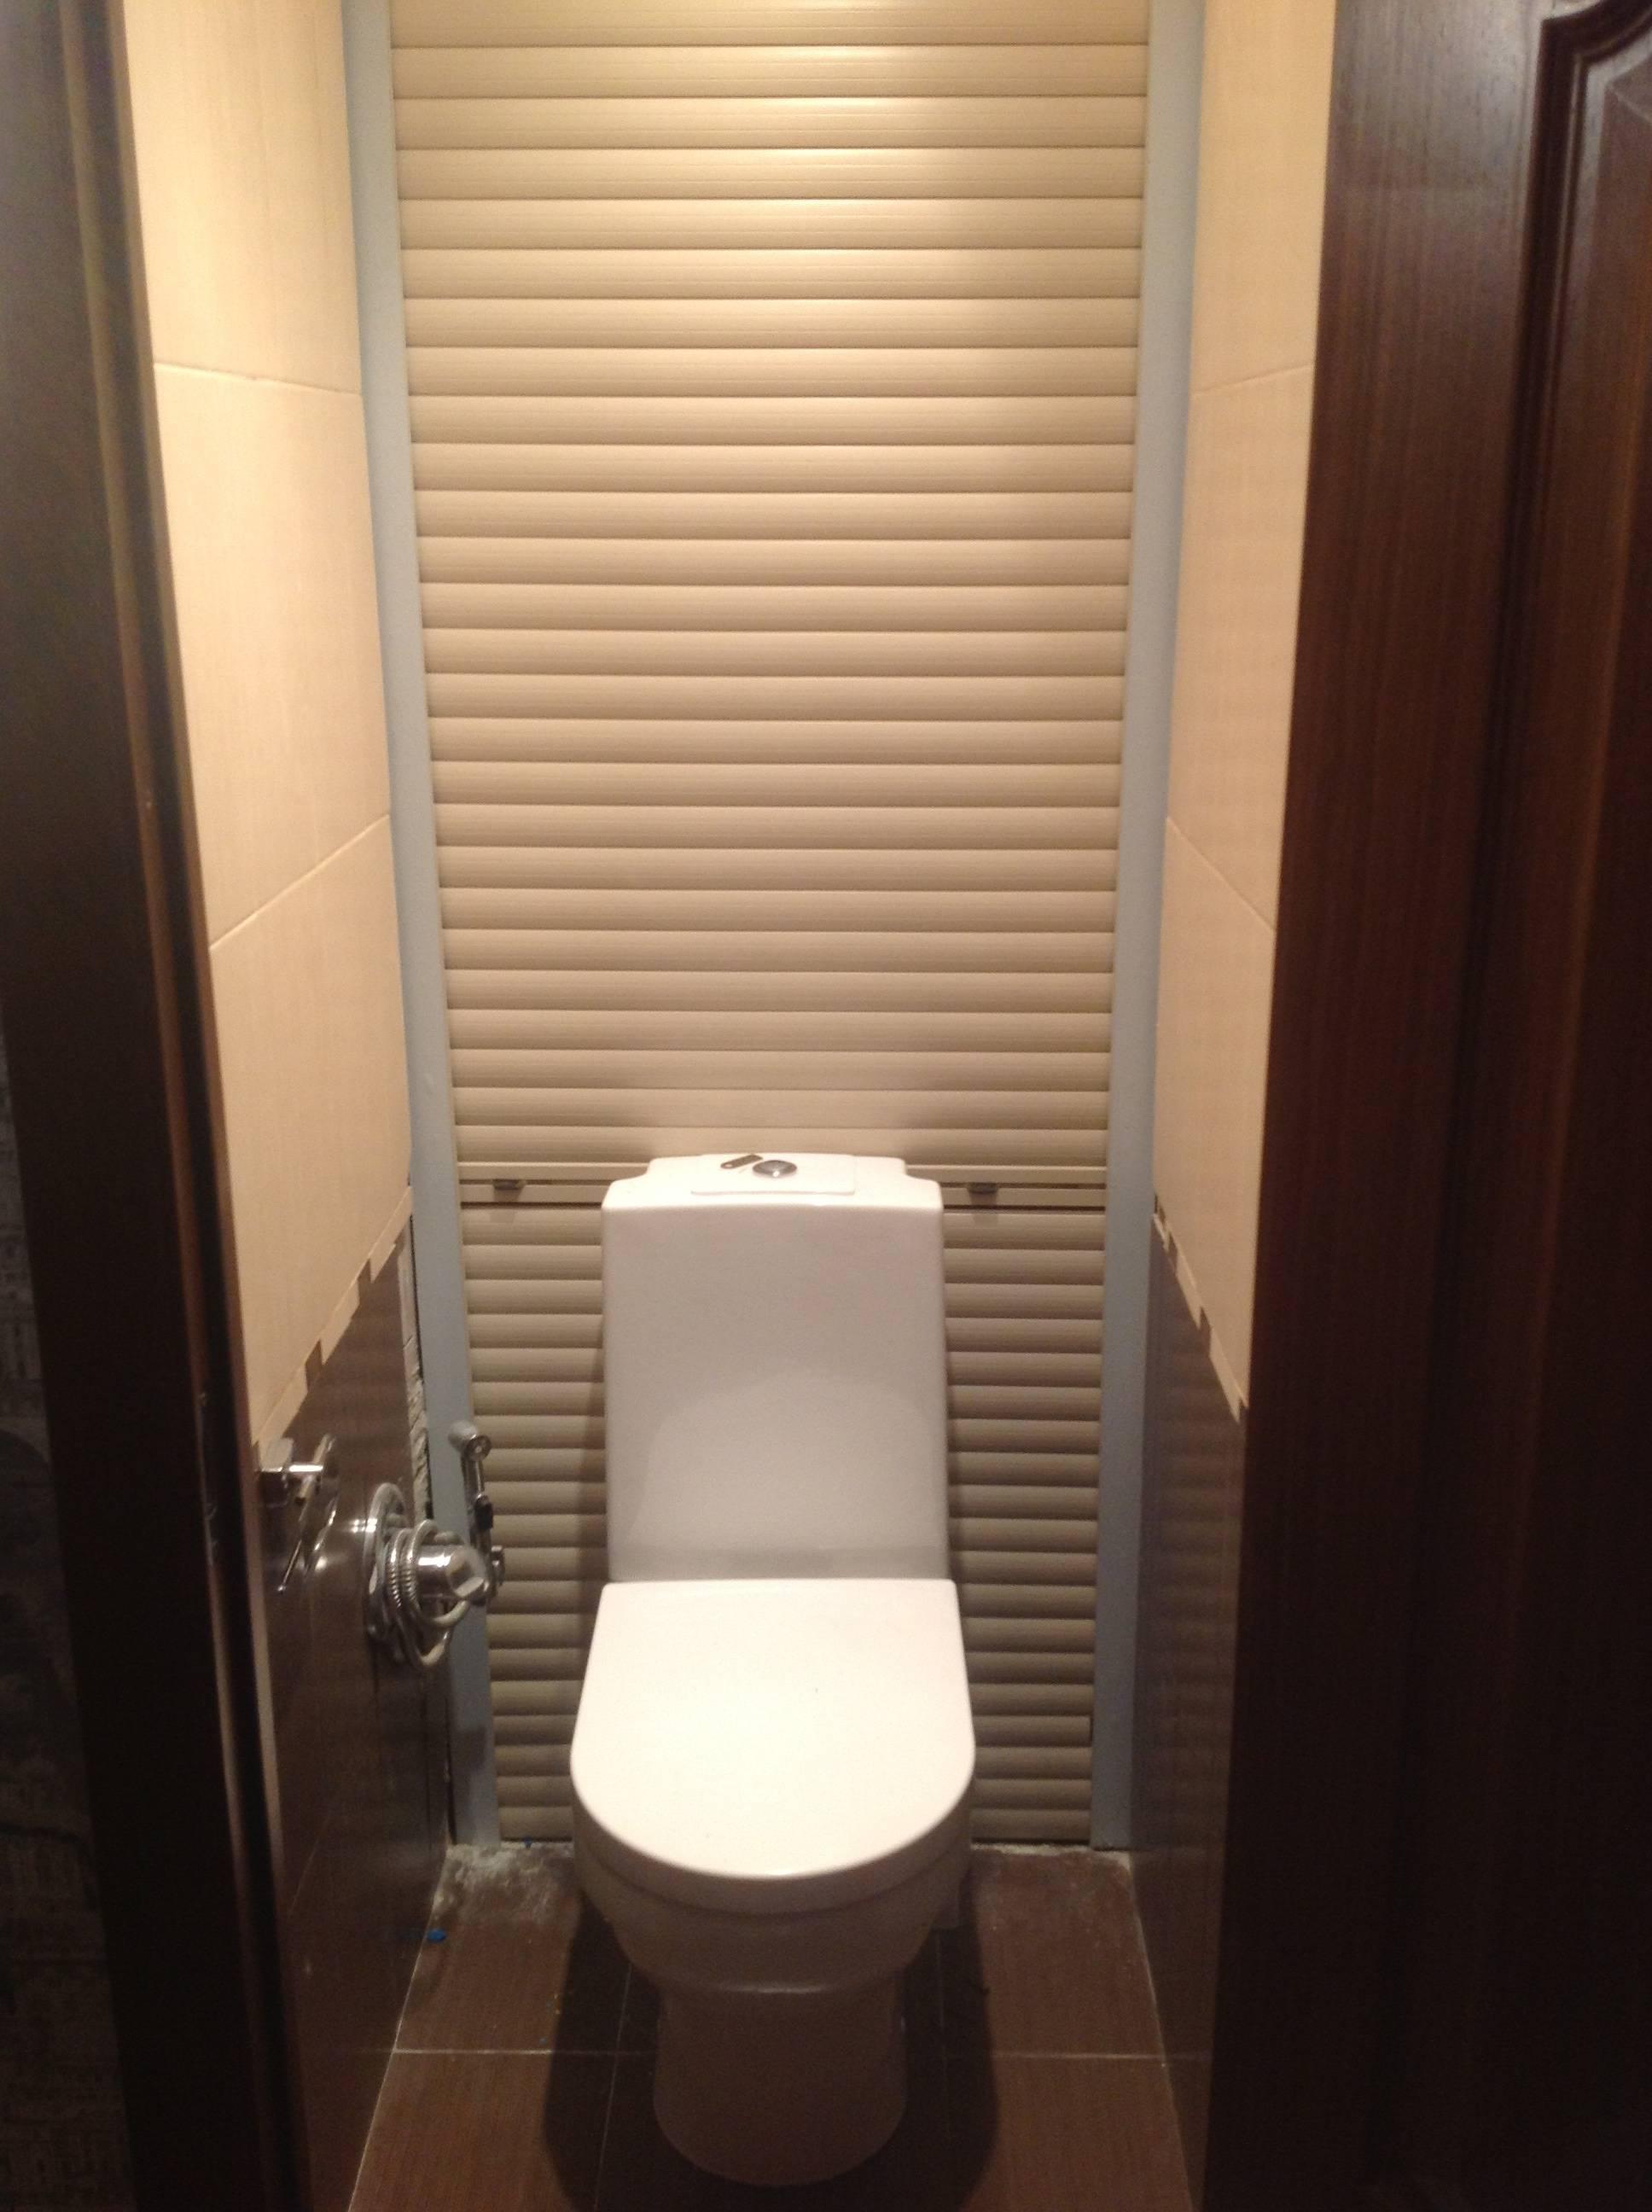 Сантехнические жалюзи в туалет - все о канализации